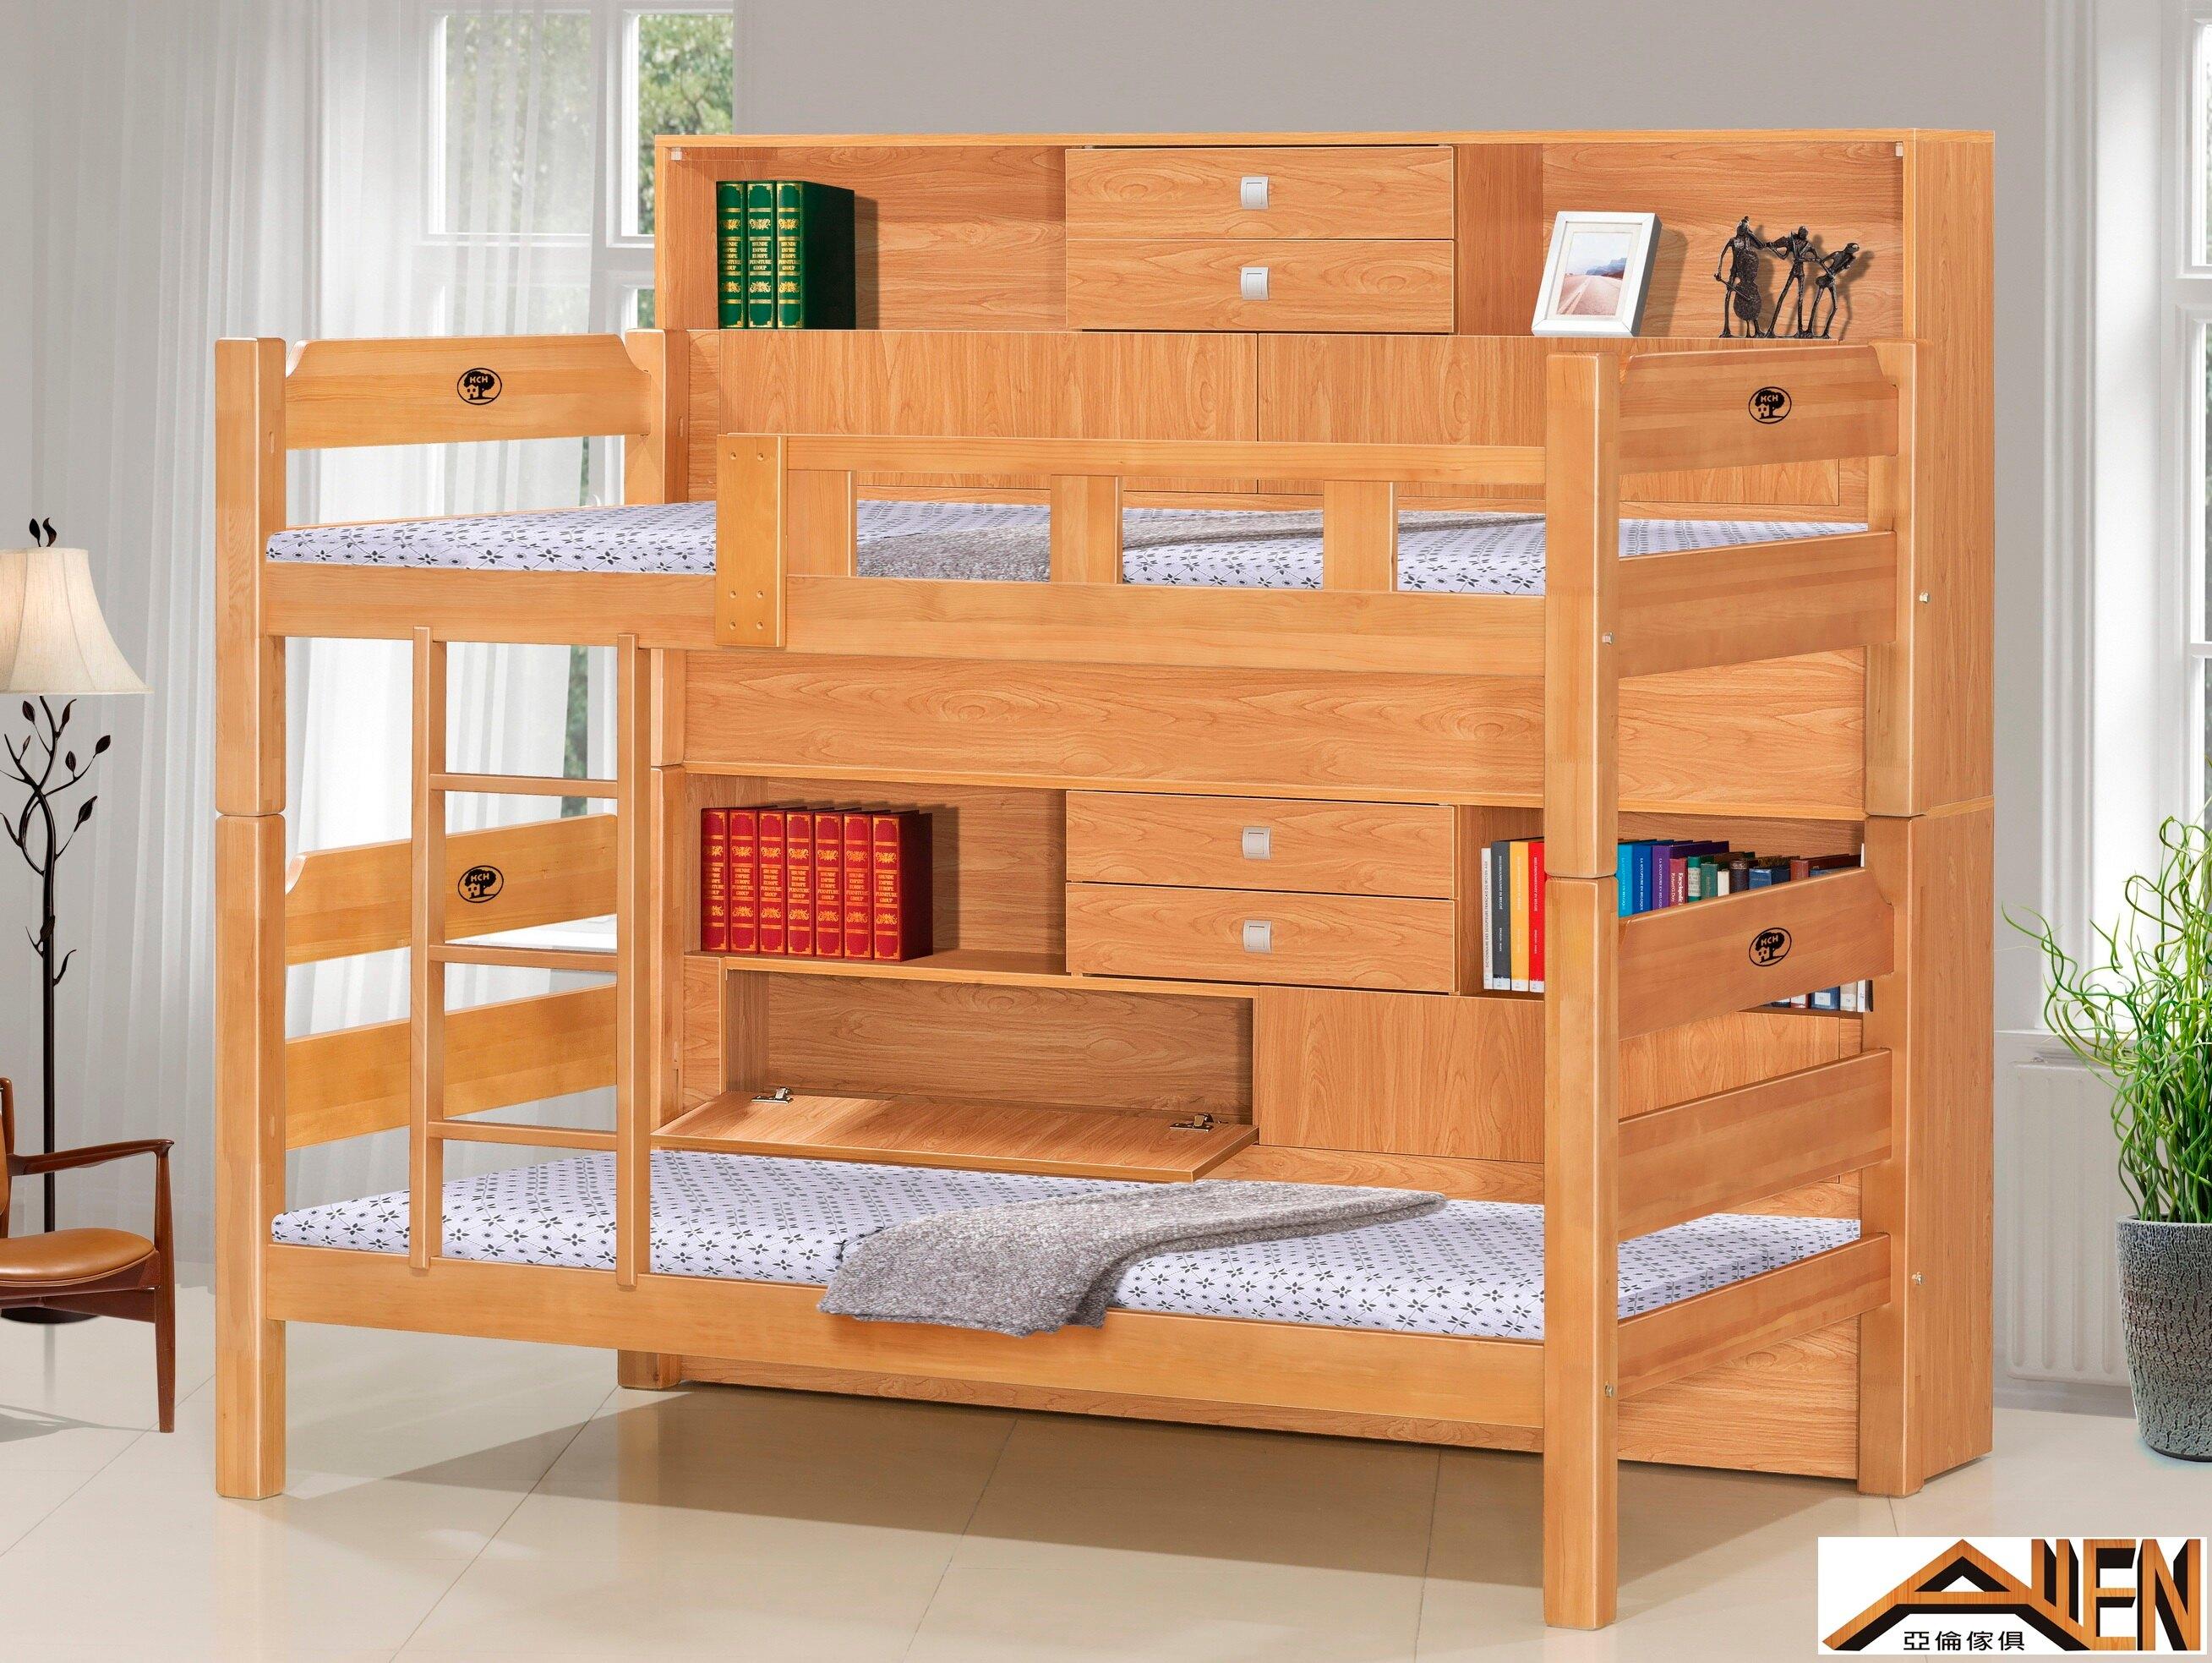 亞倫傢俱*布恩北美檜木實木床邊櫃收納雙層床